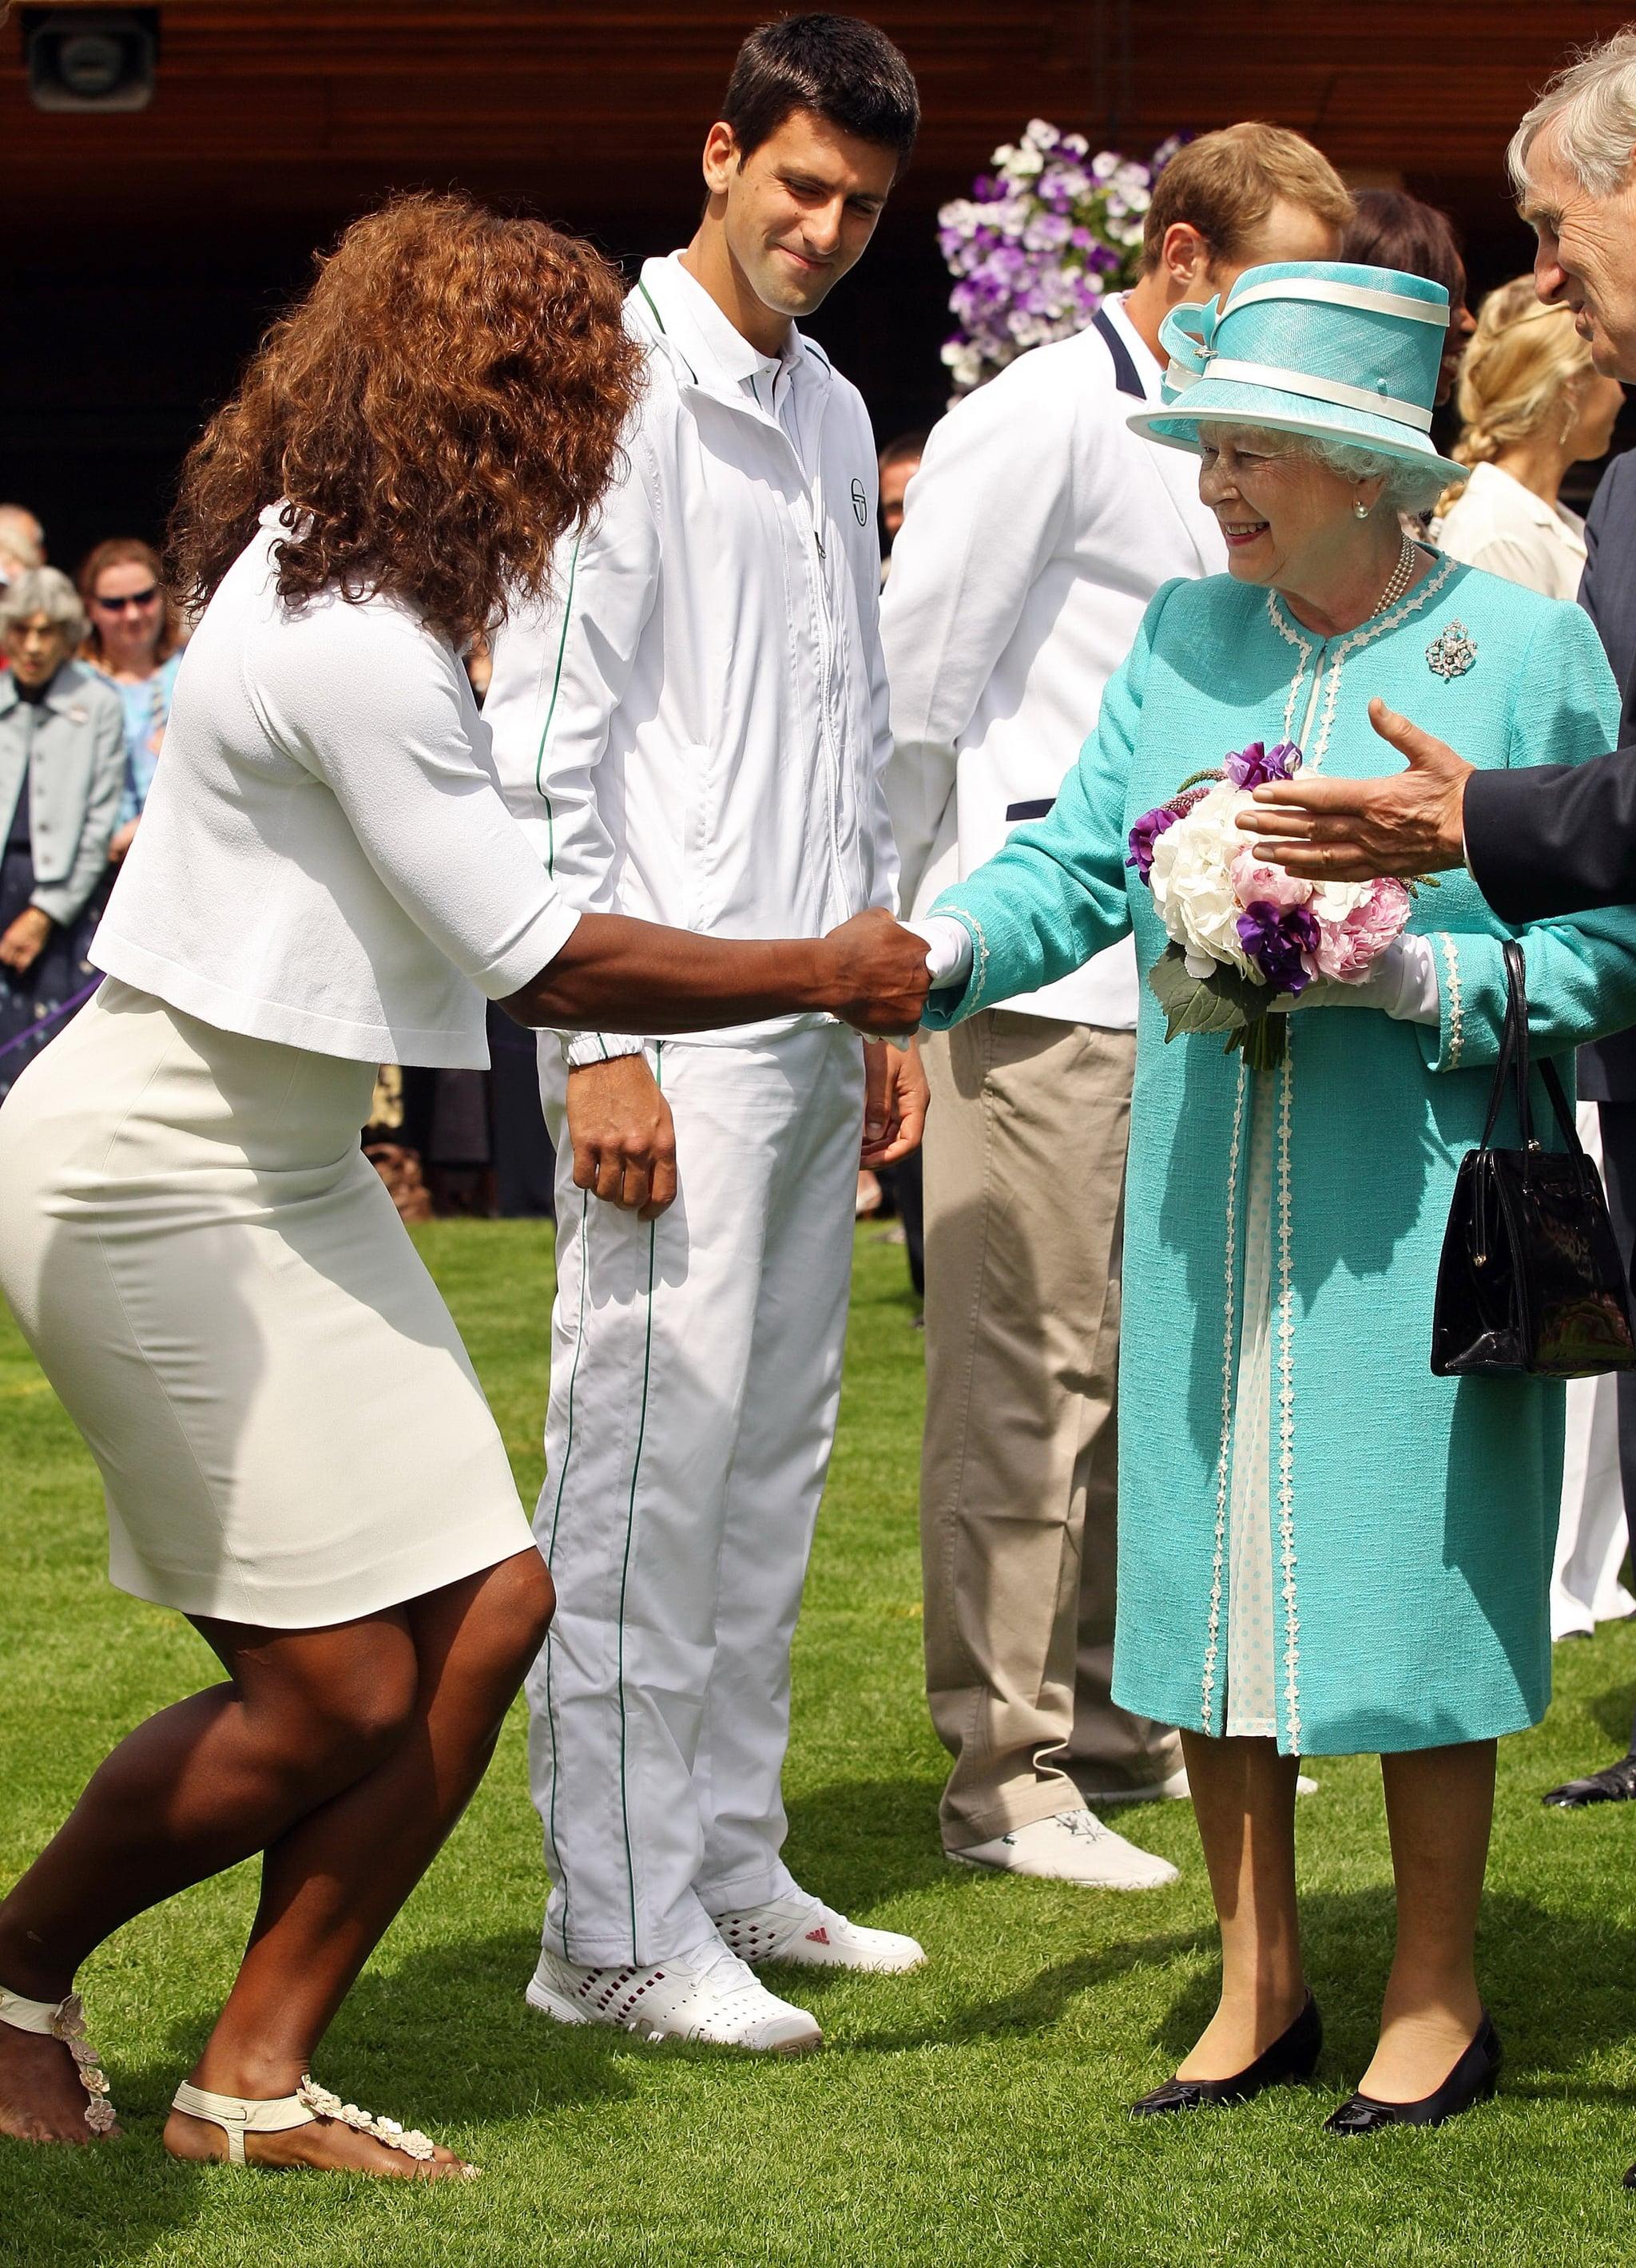 Serena Williams met Queen Elizabeth II in June 2010 at Wimbledon in London.